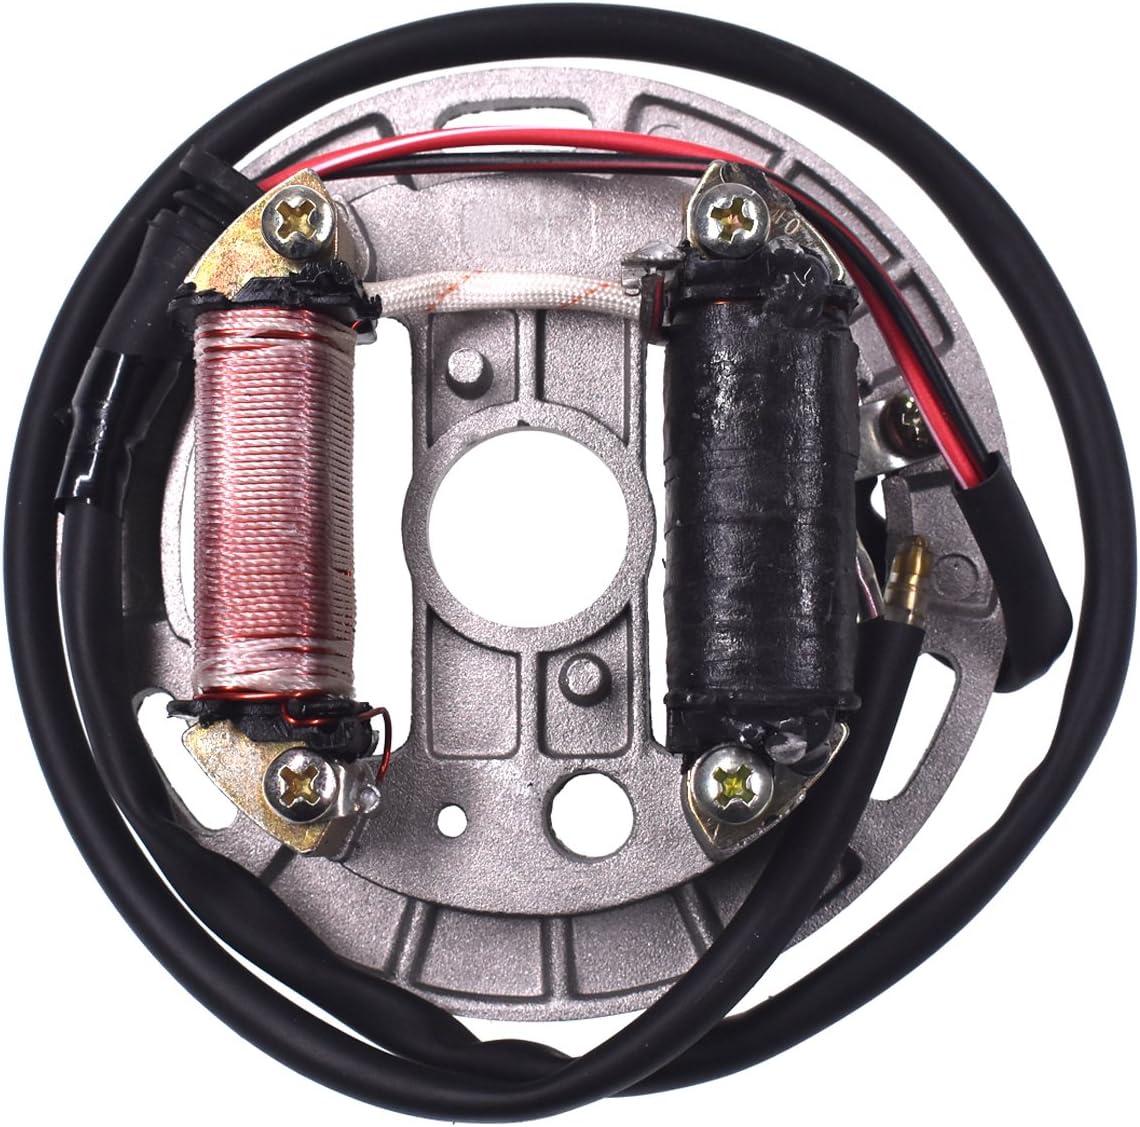 Power Reeds For 2004 Suzuki LT80 QuadSport ATV~Boyesen 668